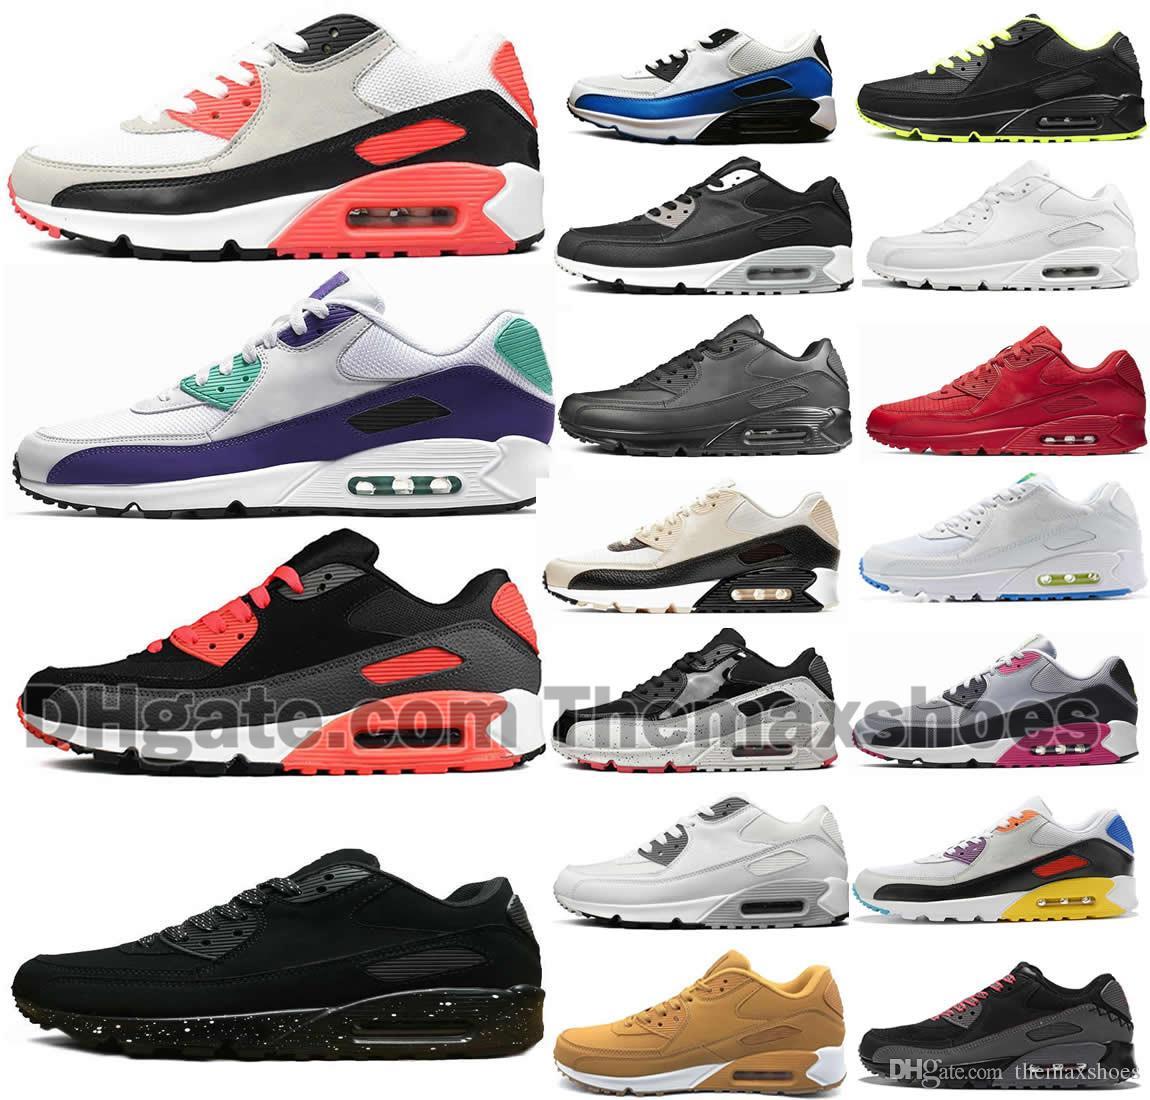 Soluk Fildişi 90 Erkek Koşu Ayakkabıları Gerçek Mixtape Üçlü Siyah Beyaz Erkek Kadın Klasik Sarı Kırmızı Spor Trainer Yastık Yüzey Sneakers